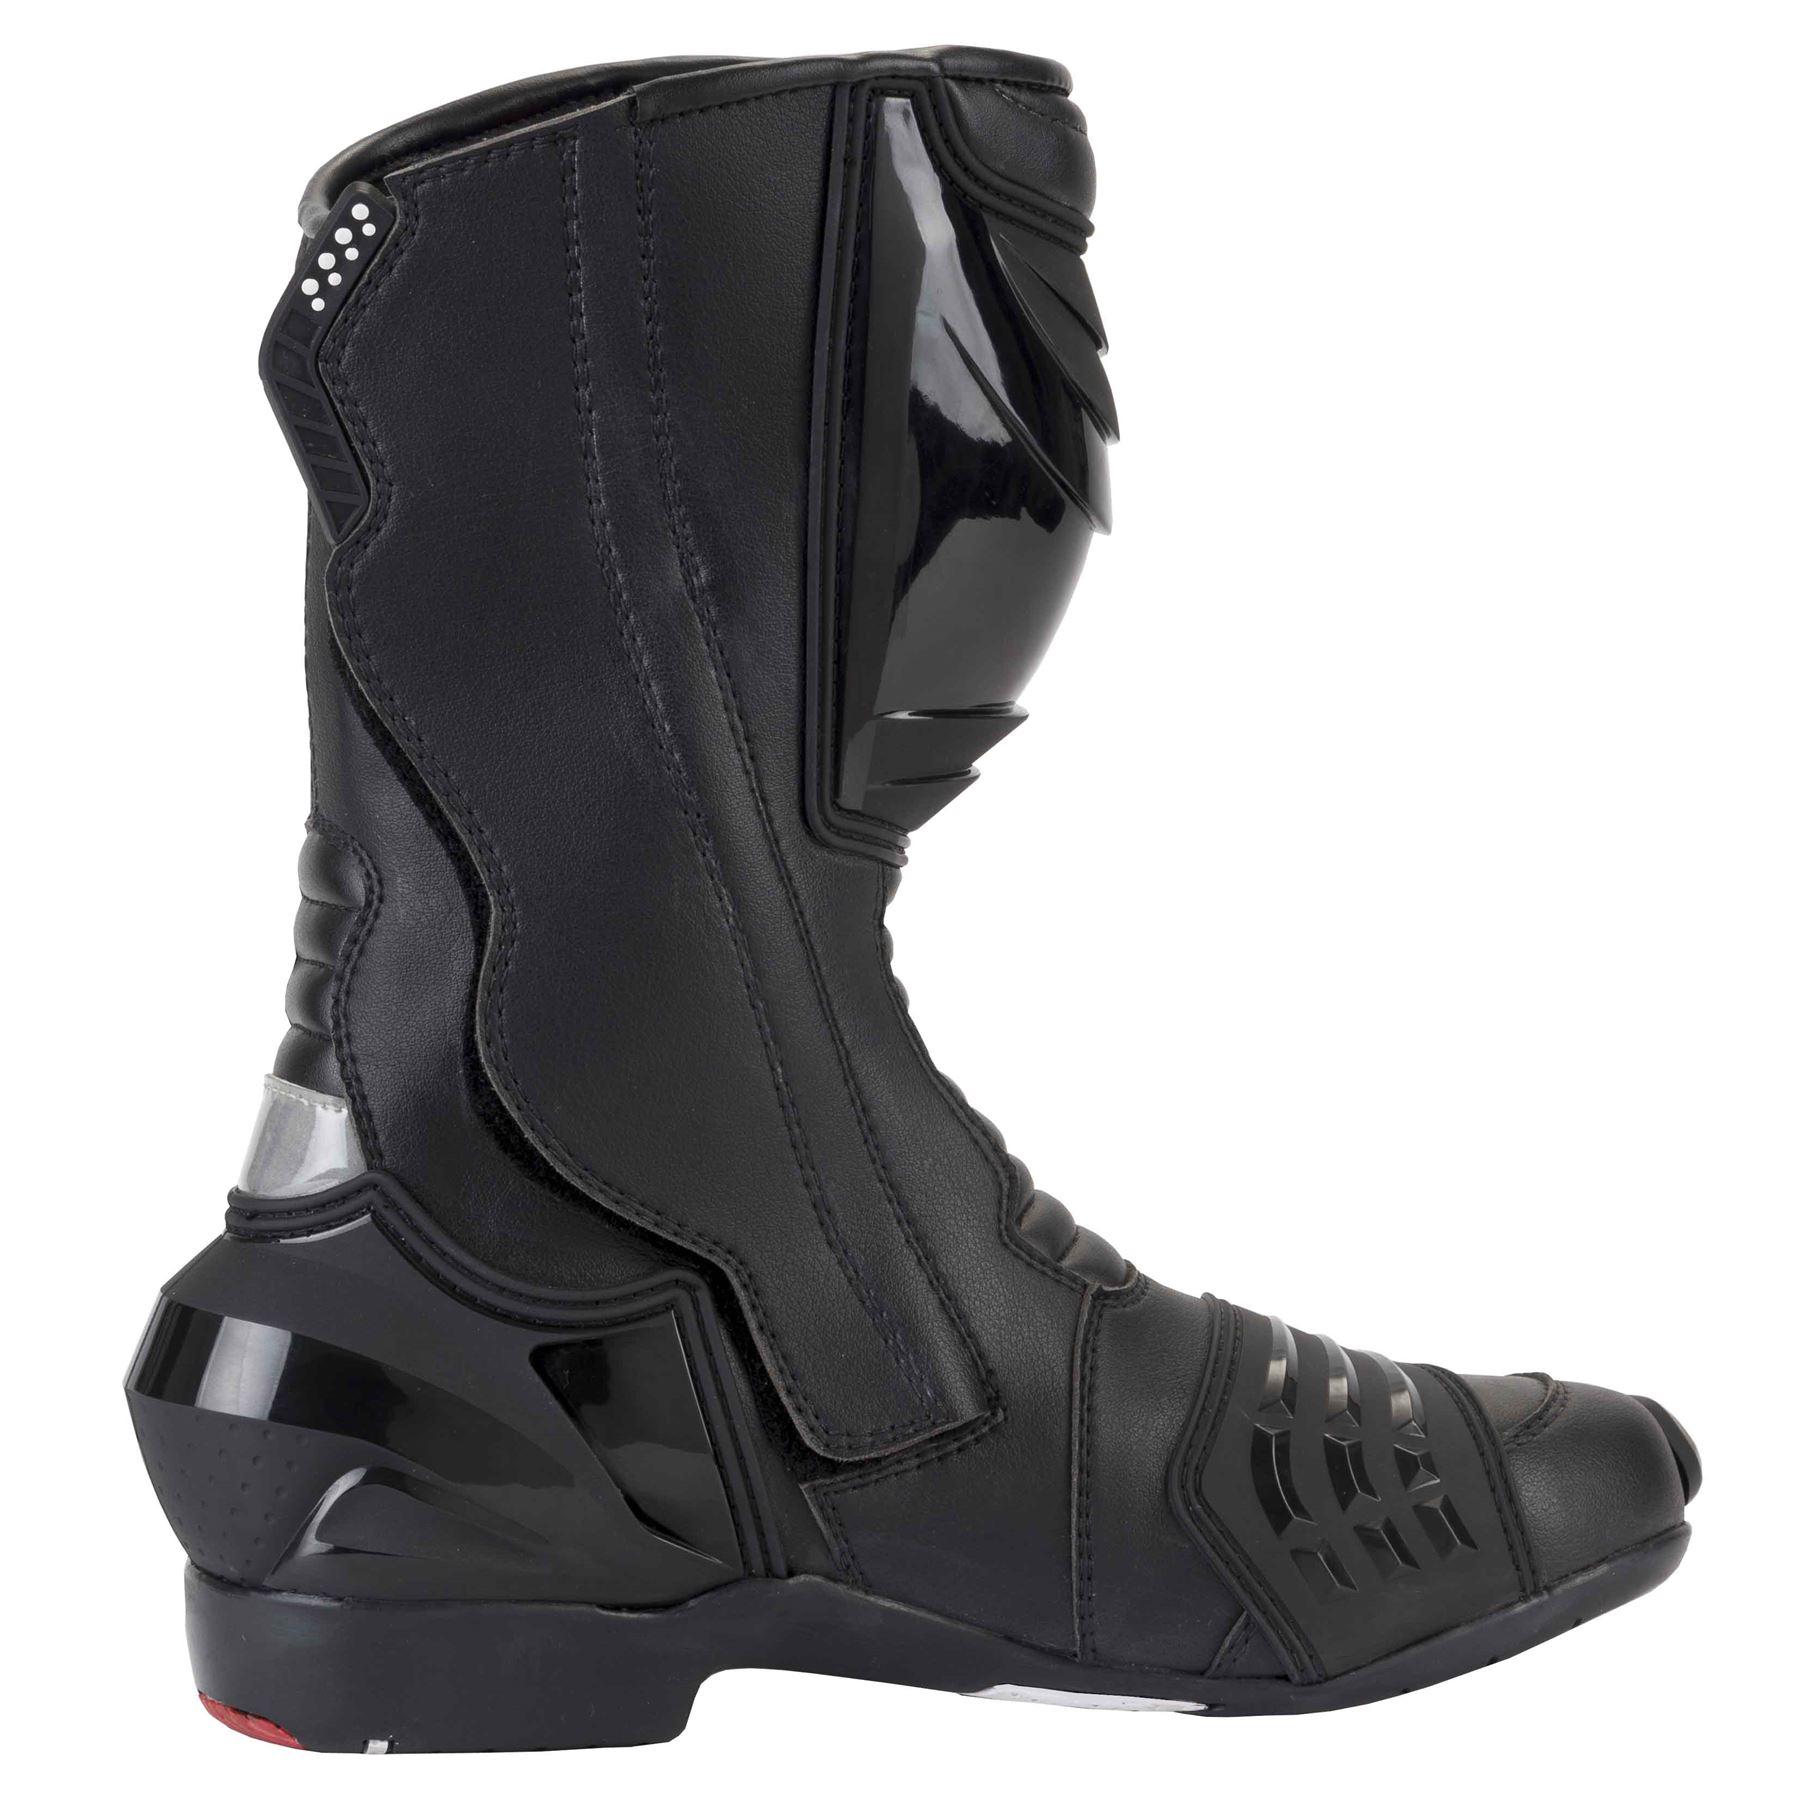 Diora-Motocicleta-Turismo-Aventura-Todo-Tipo-Botas-con-Moldeado-Talon-Protector